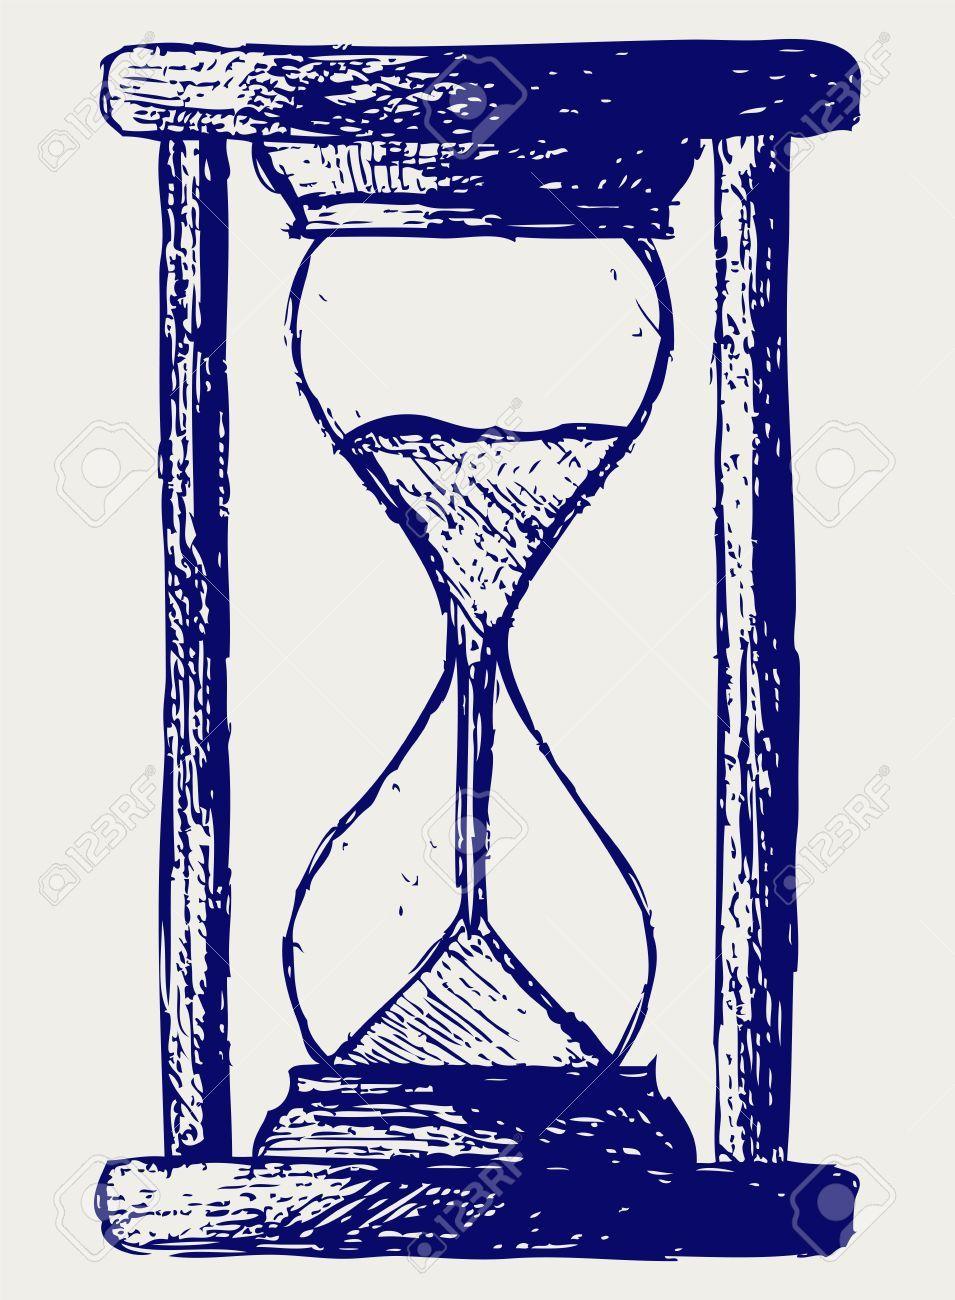 Stock Photo Tatuaje Reloj De Arena Reloj De Arena Reloj De